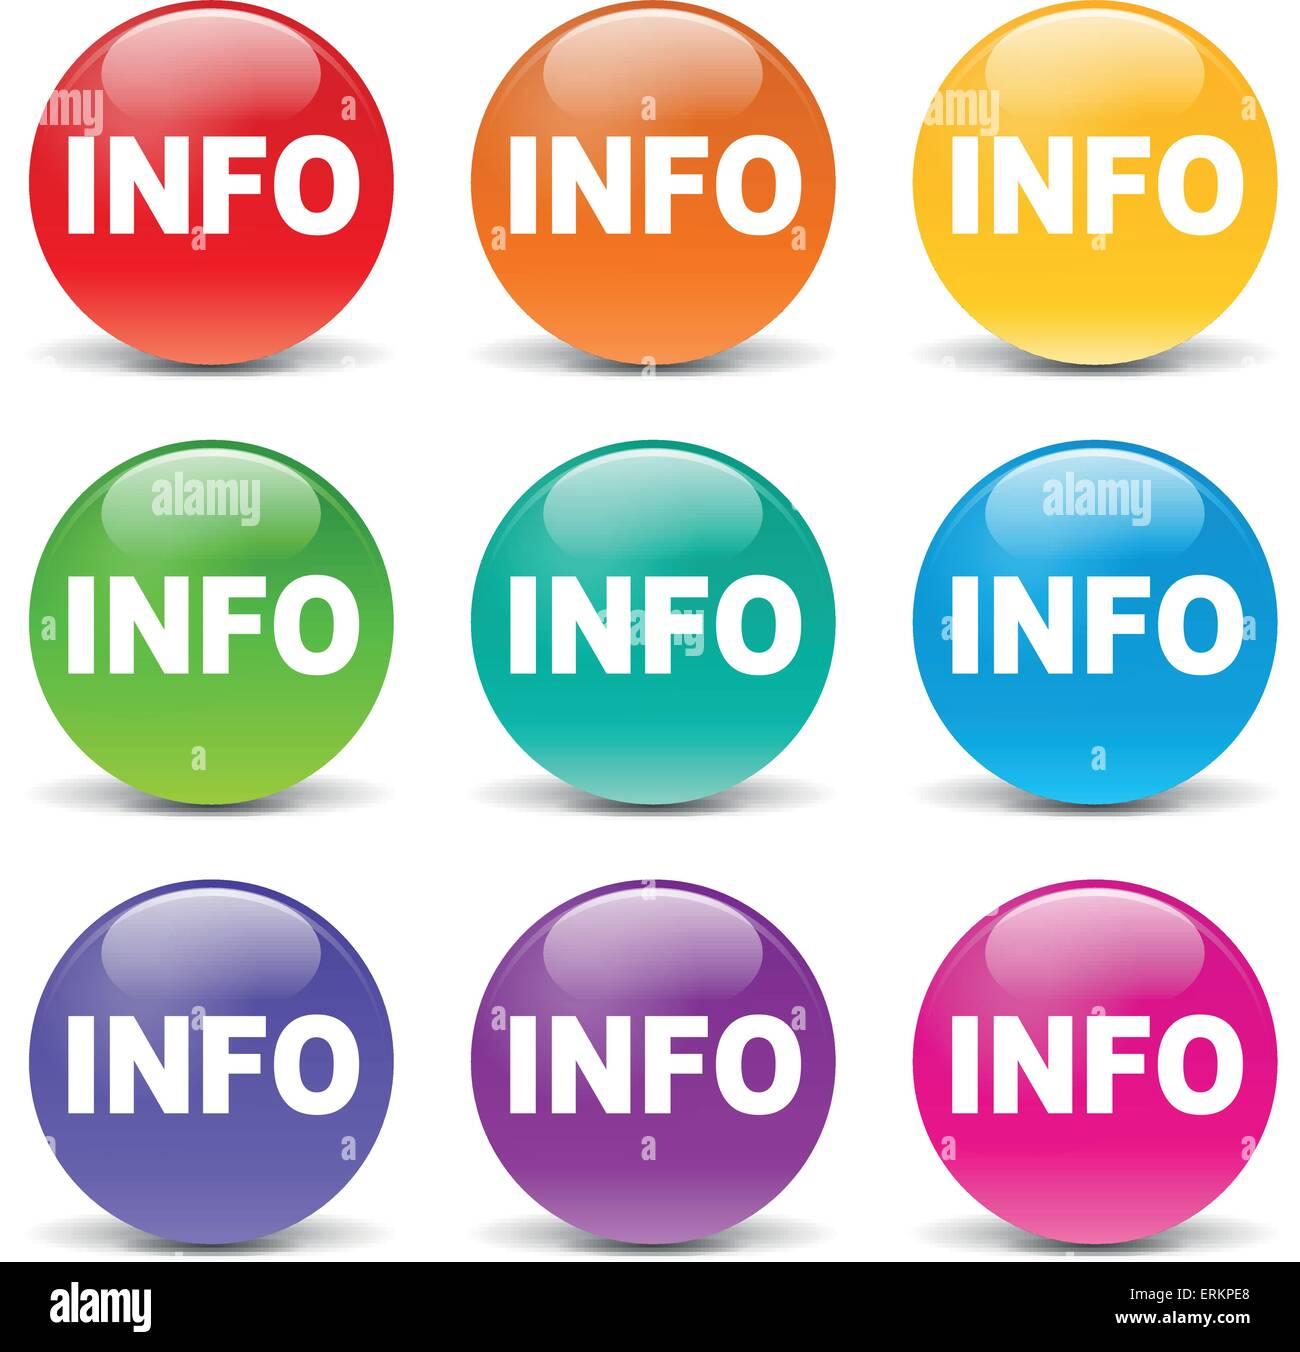 Ilustración vectorial de info iconos de colores sobre fondo blanco. Imagen De Stock